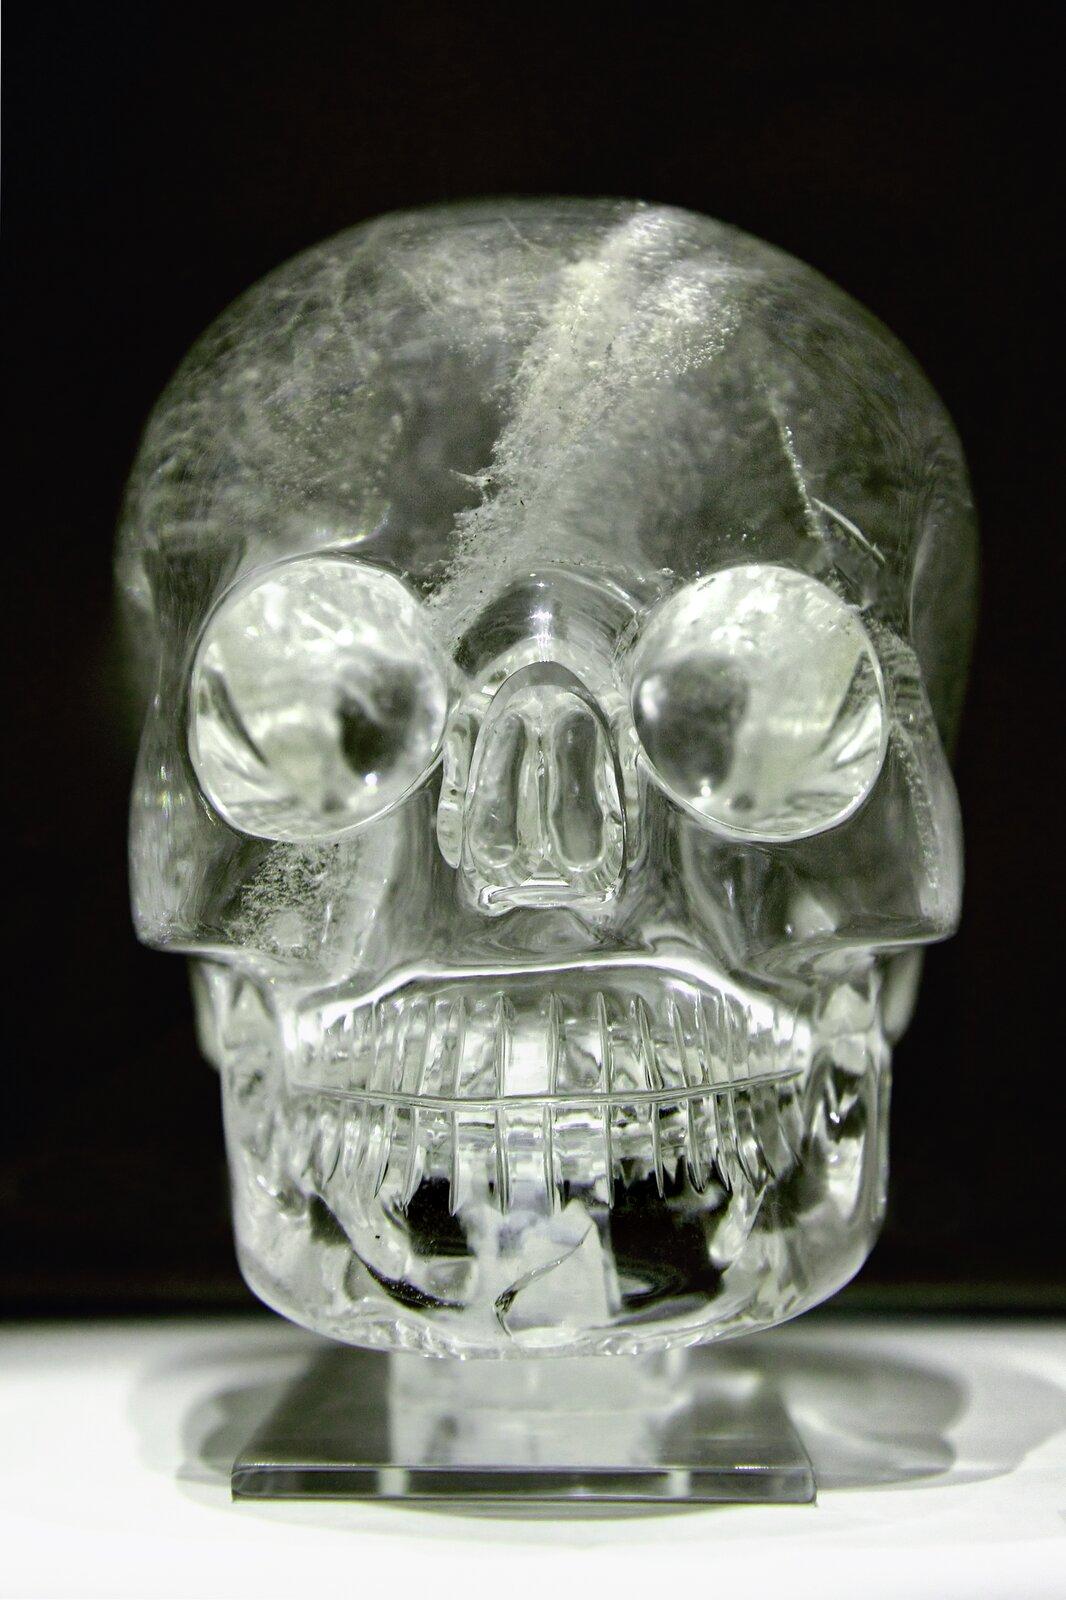 Zdjęcie przedstawia czaszkę wykonaną zkryształu górskiego, której pochodzenie niektórzy przypisują prekolumbijskim ludom Ameryki Południowej. Jednak najnowsze badania wykazują ich europejskie pochodzenie iwiek nie przekraczający 300 lat.